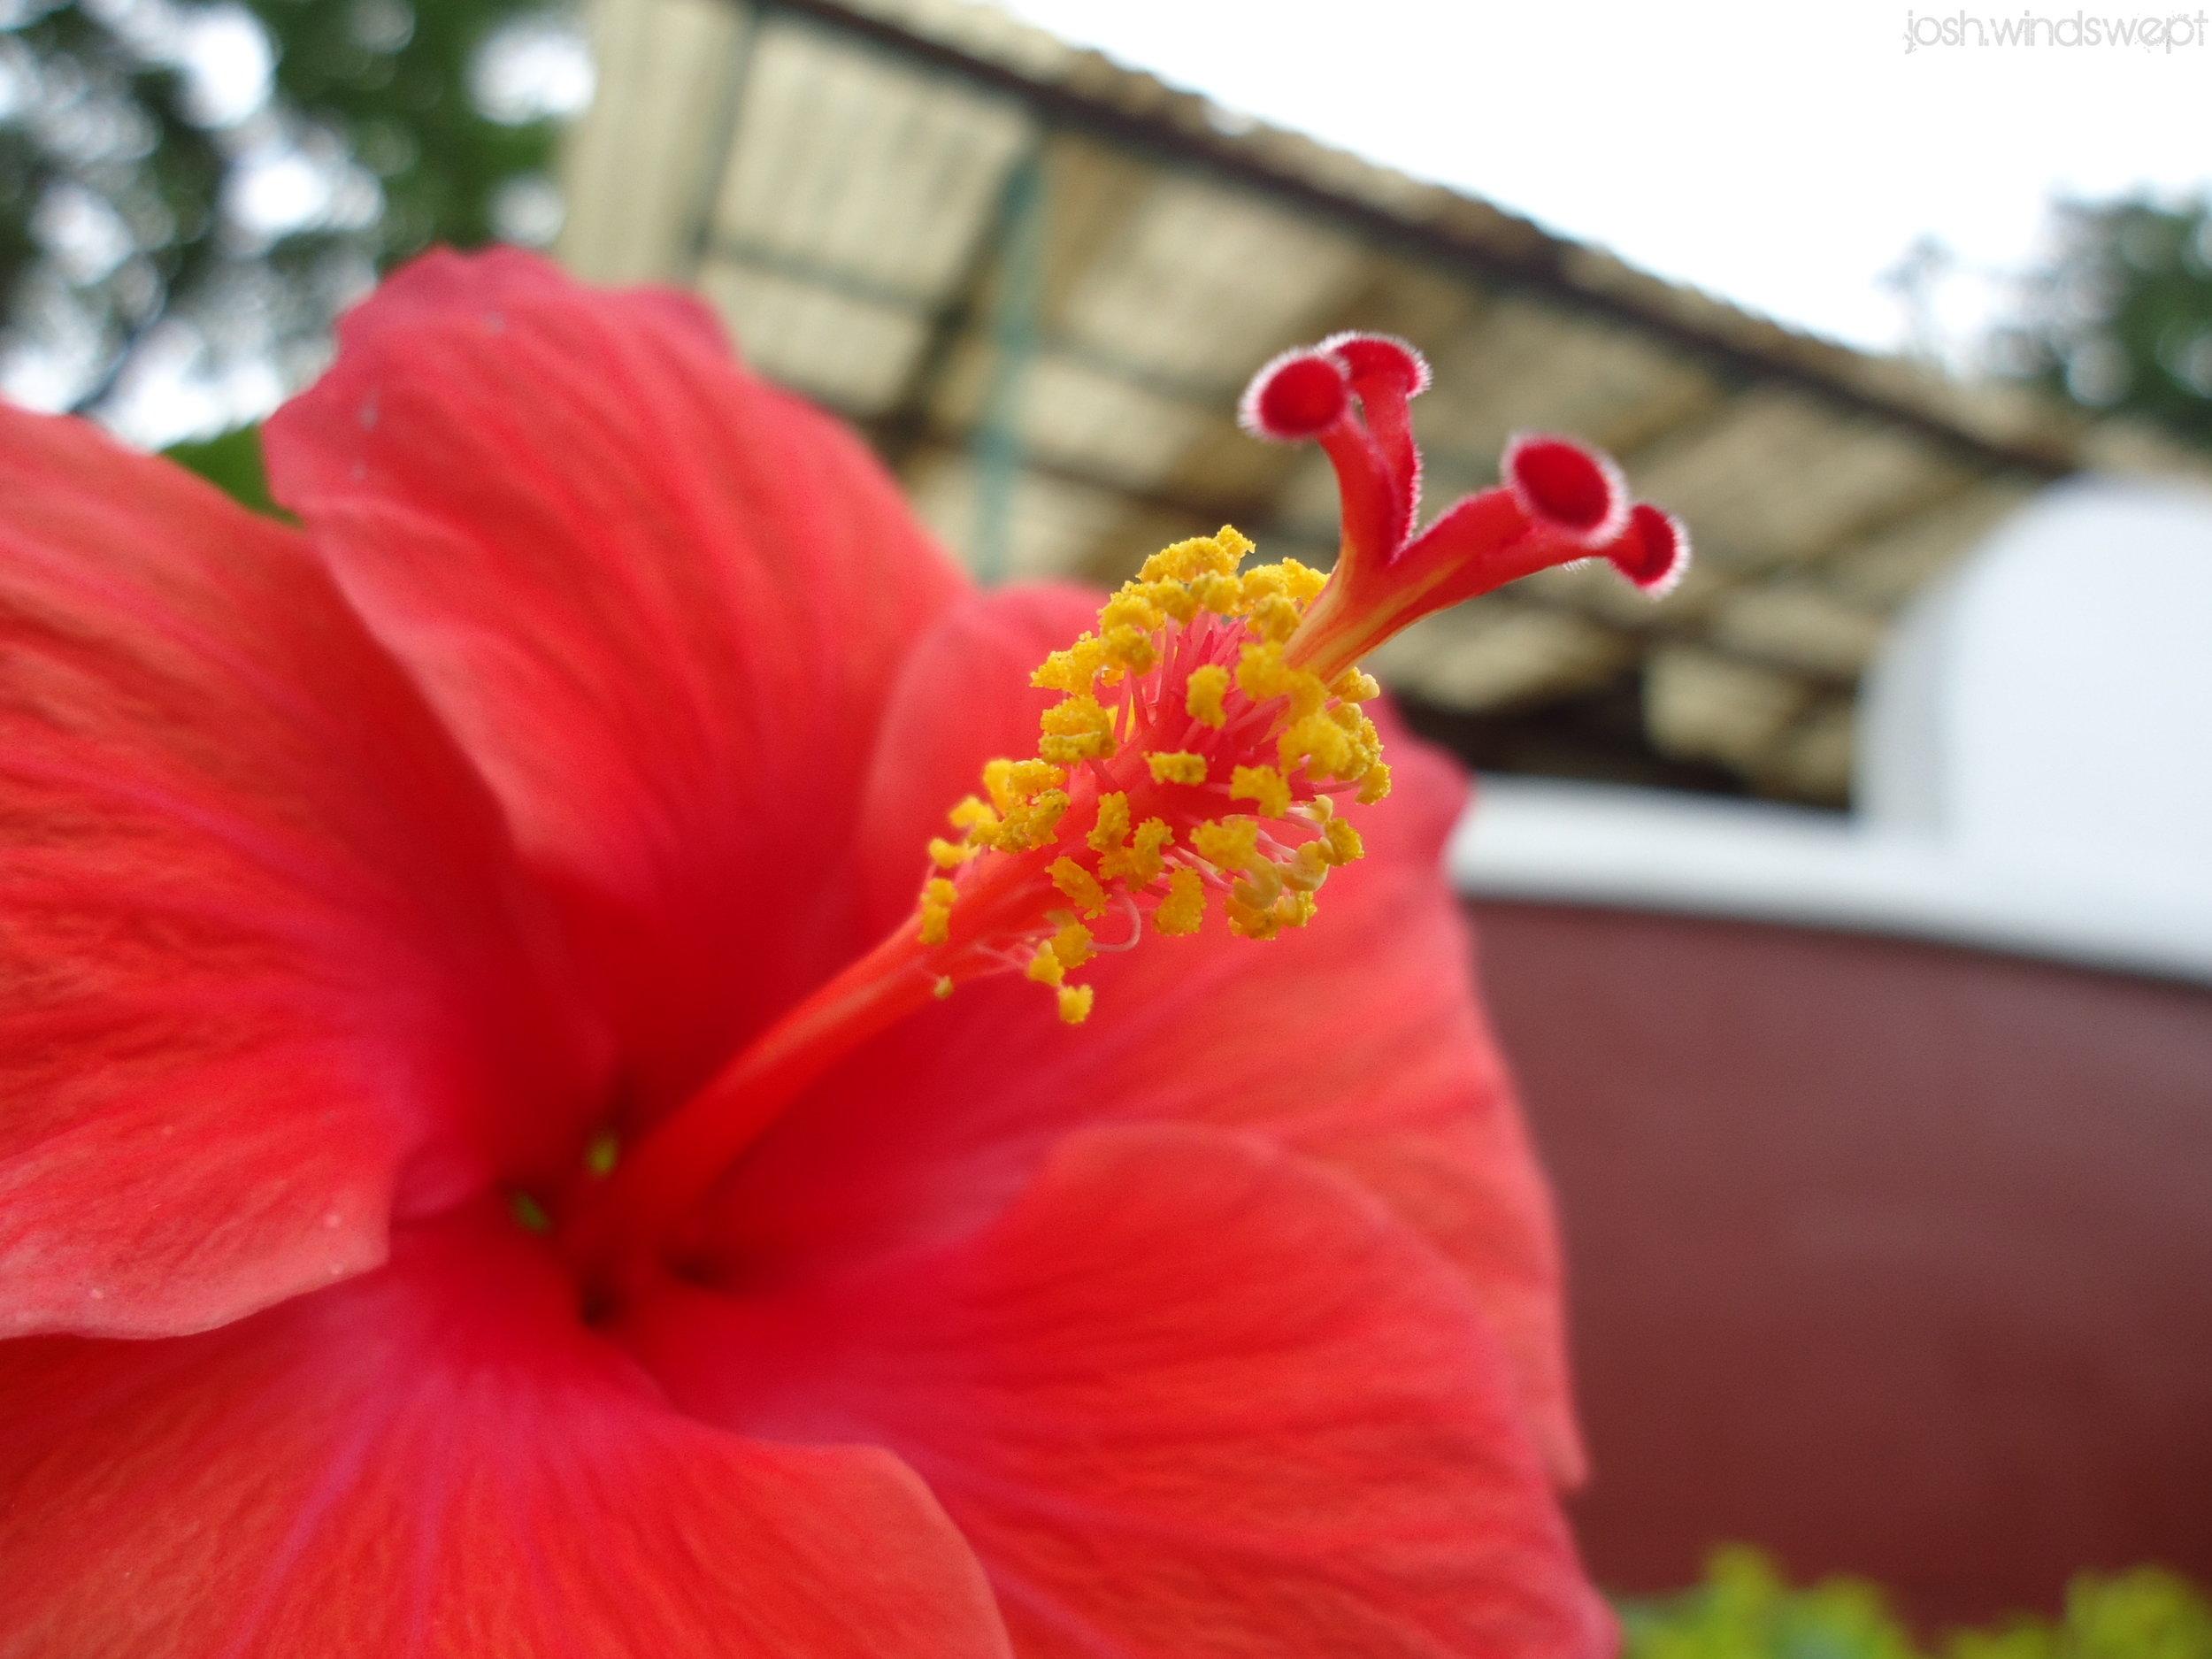 Le pollen est très visible chez certaines espèces, comme chez cet hibiscus rouge. Il permet d'assurer la reproduction de la plante et donc la survie de l'espèce !